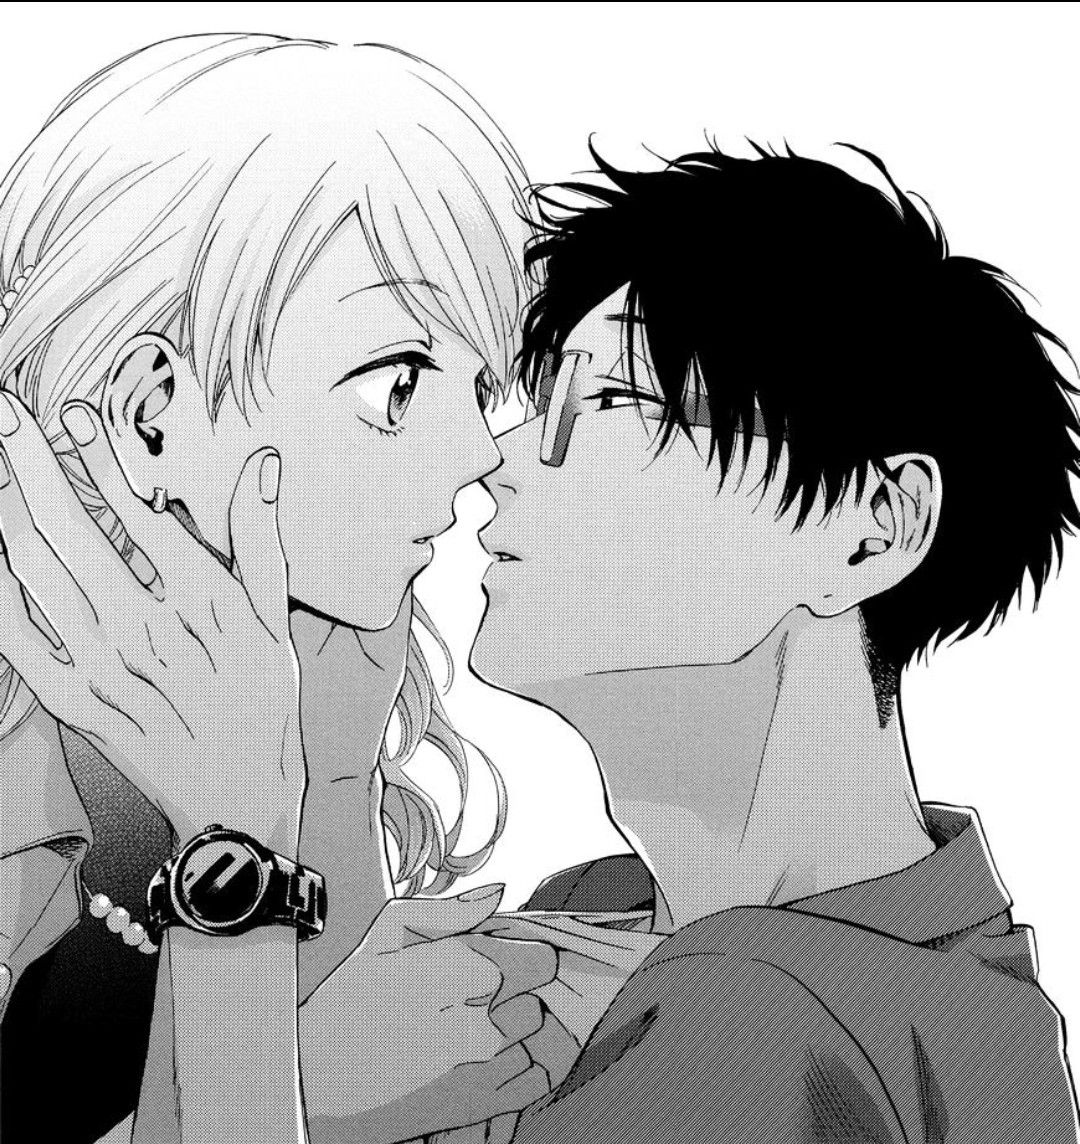 Wotakoi | Anime, Manga romance, Otaku anime